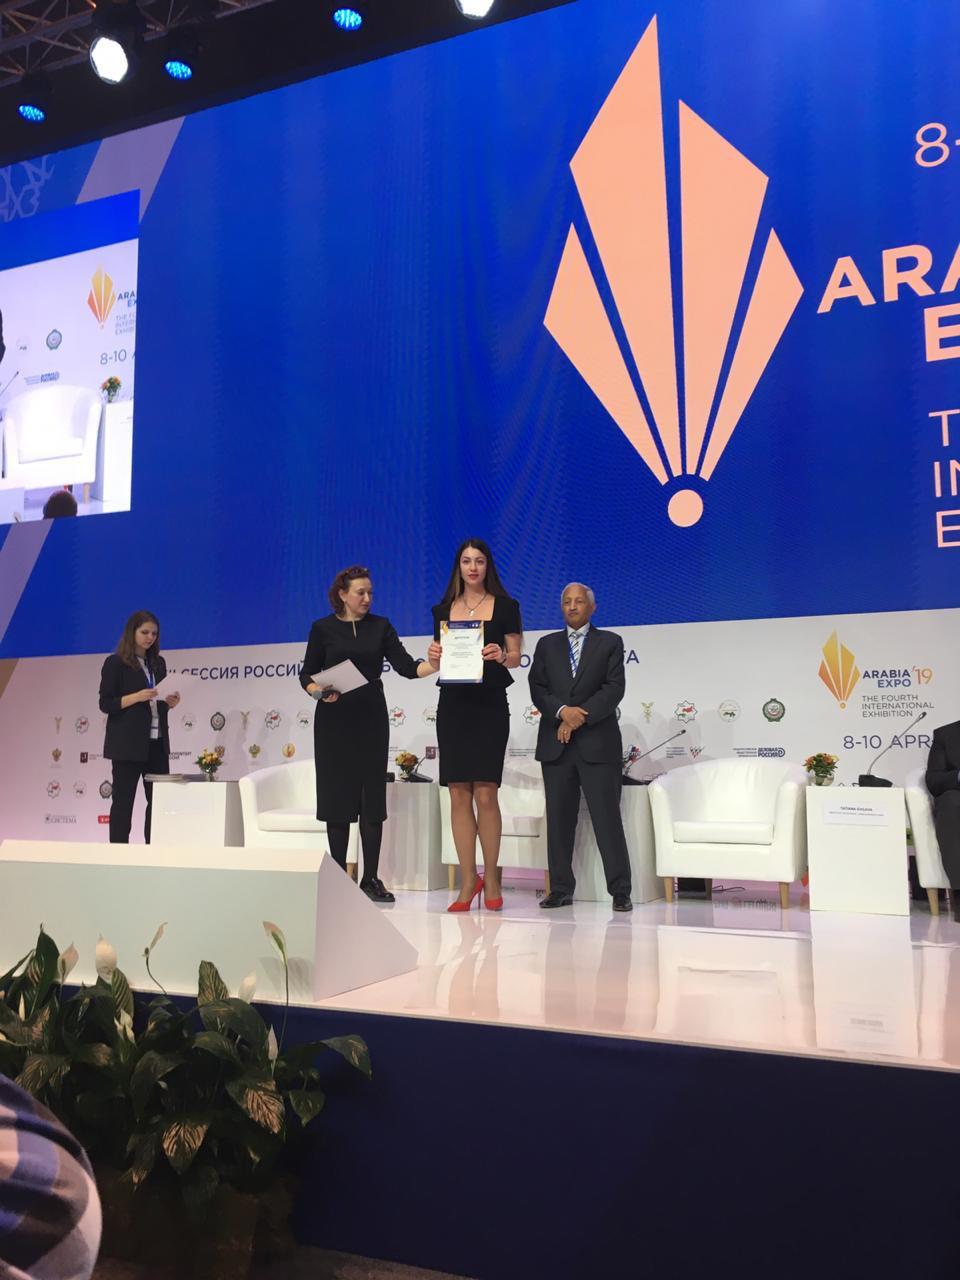 Центр поддержки экспорта ФПП Республики Северная Осетия-Алания принял участие в церемонии награждения и закрытия  IV Международной выставки «Аrabia-EXPO 2019»